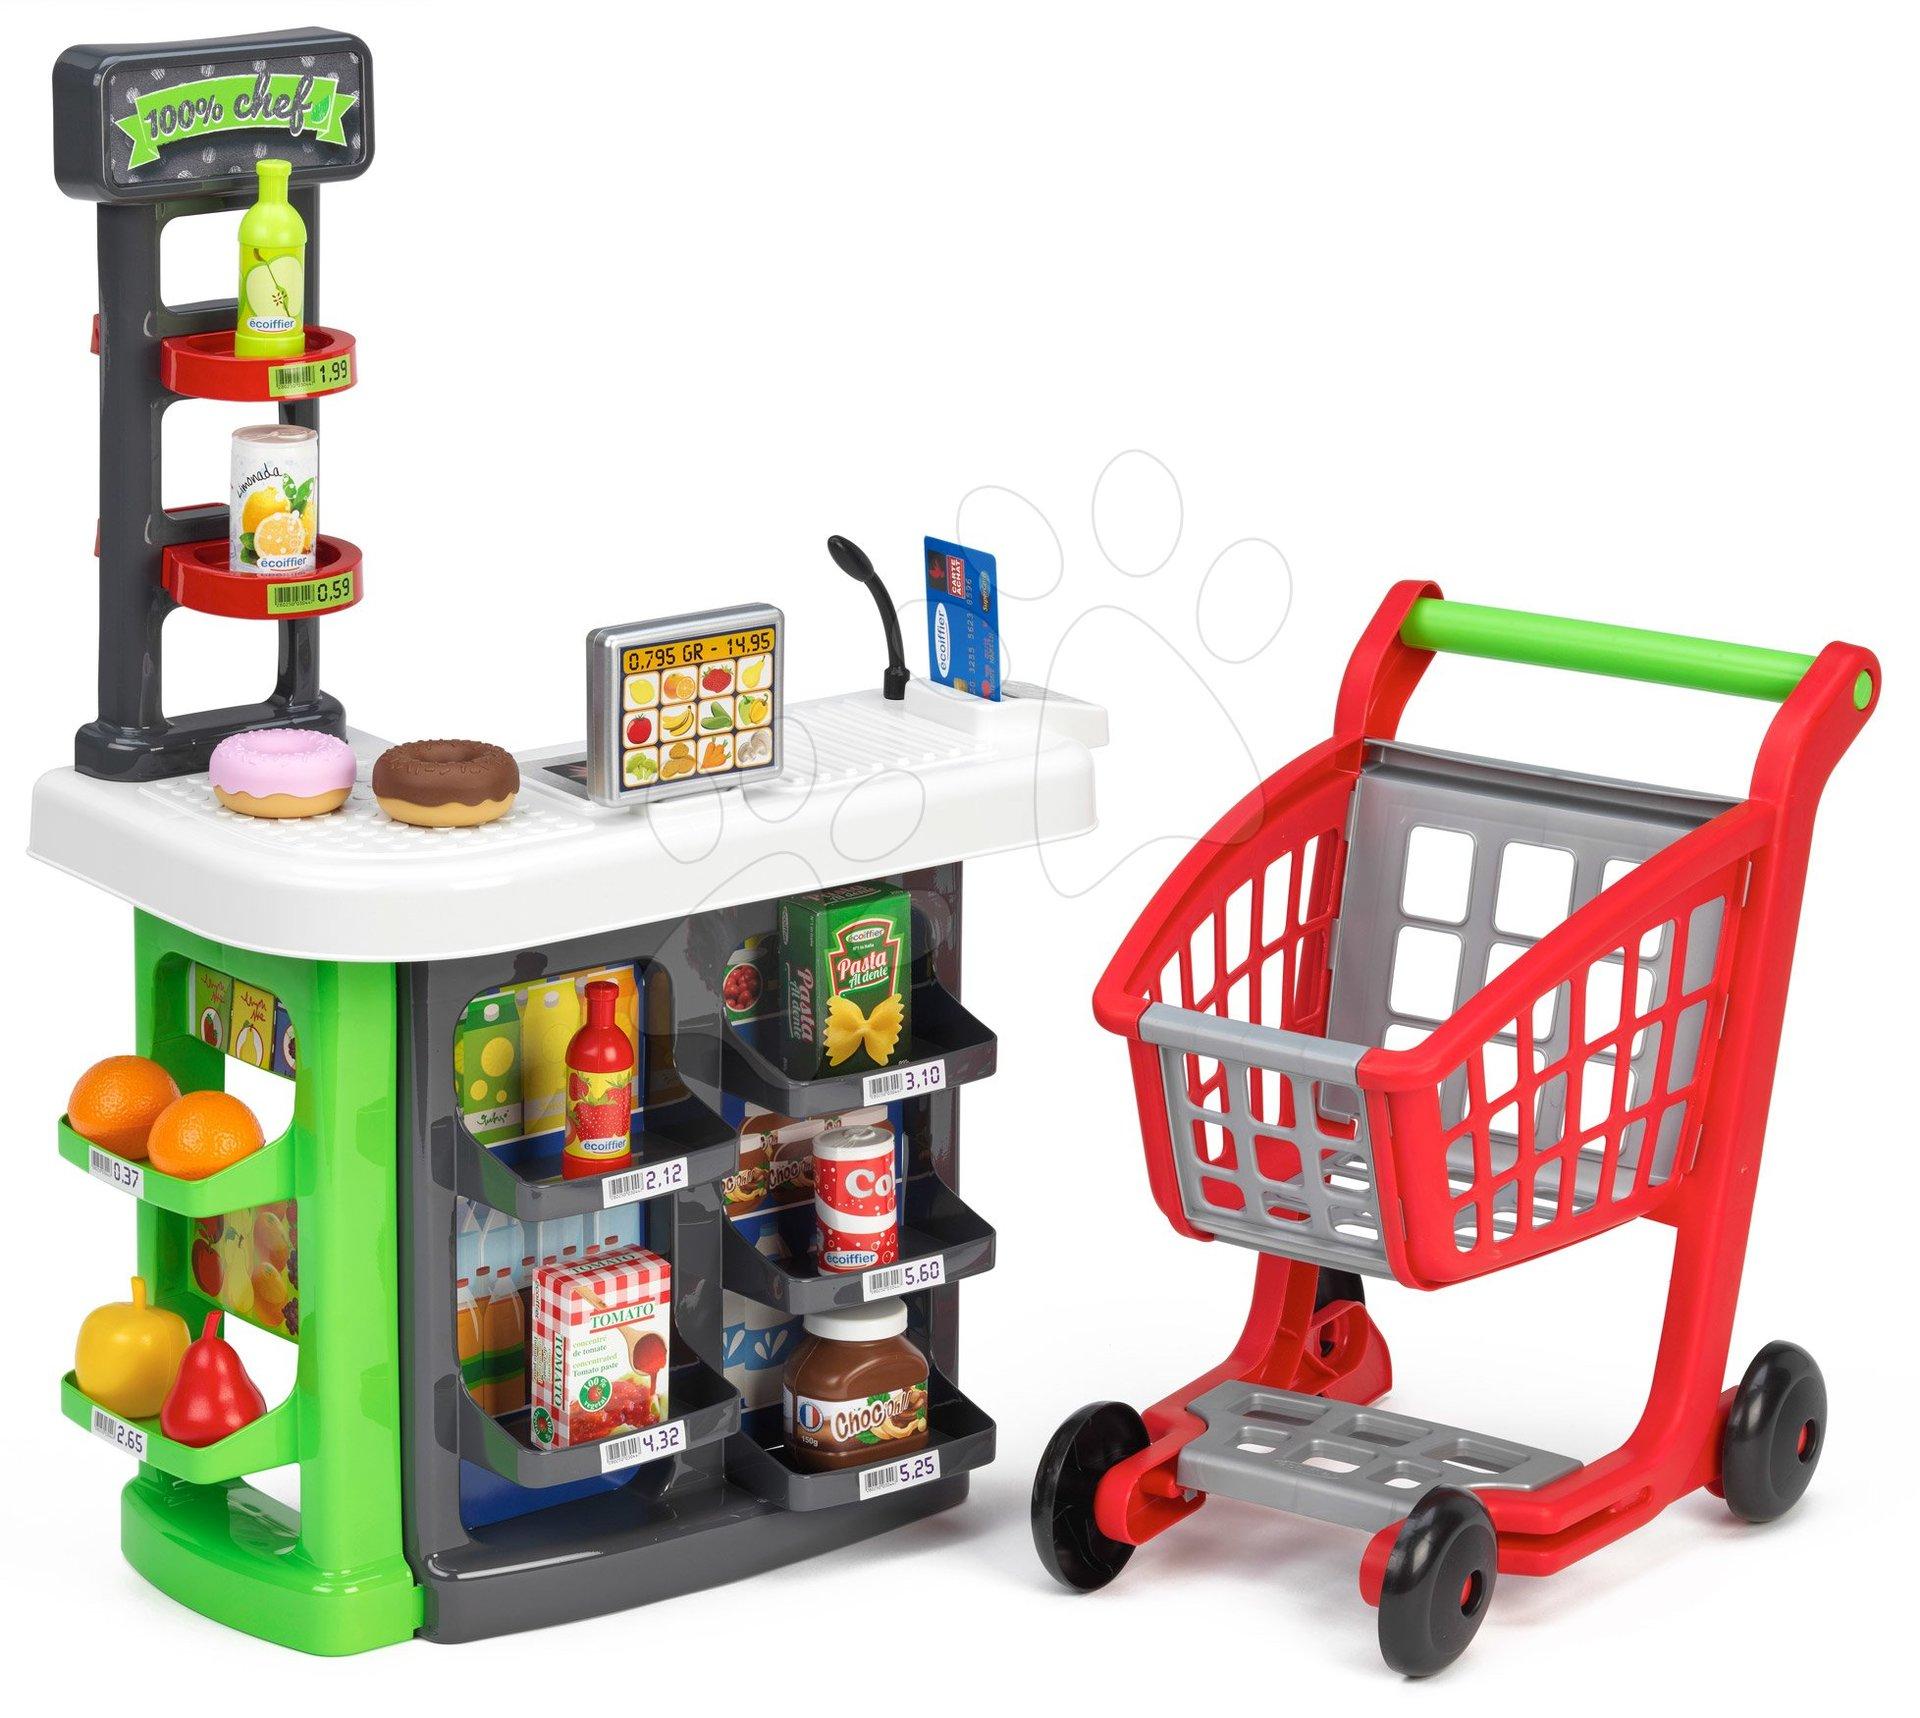 Trgovina supermarket z nakupovalnim vozičkom 100% Chef Ecoiffier z blagajno in živili od 18 meseca